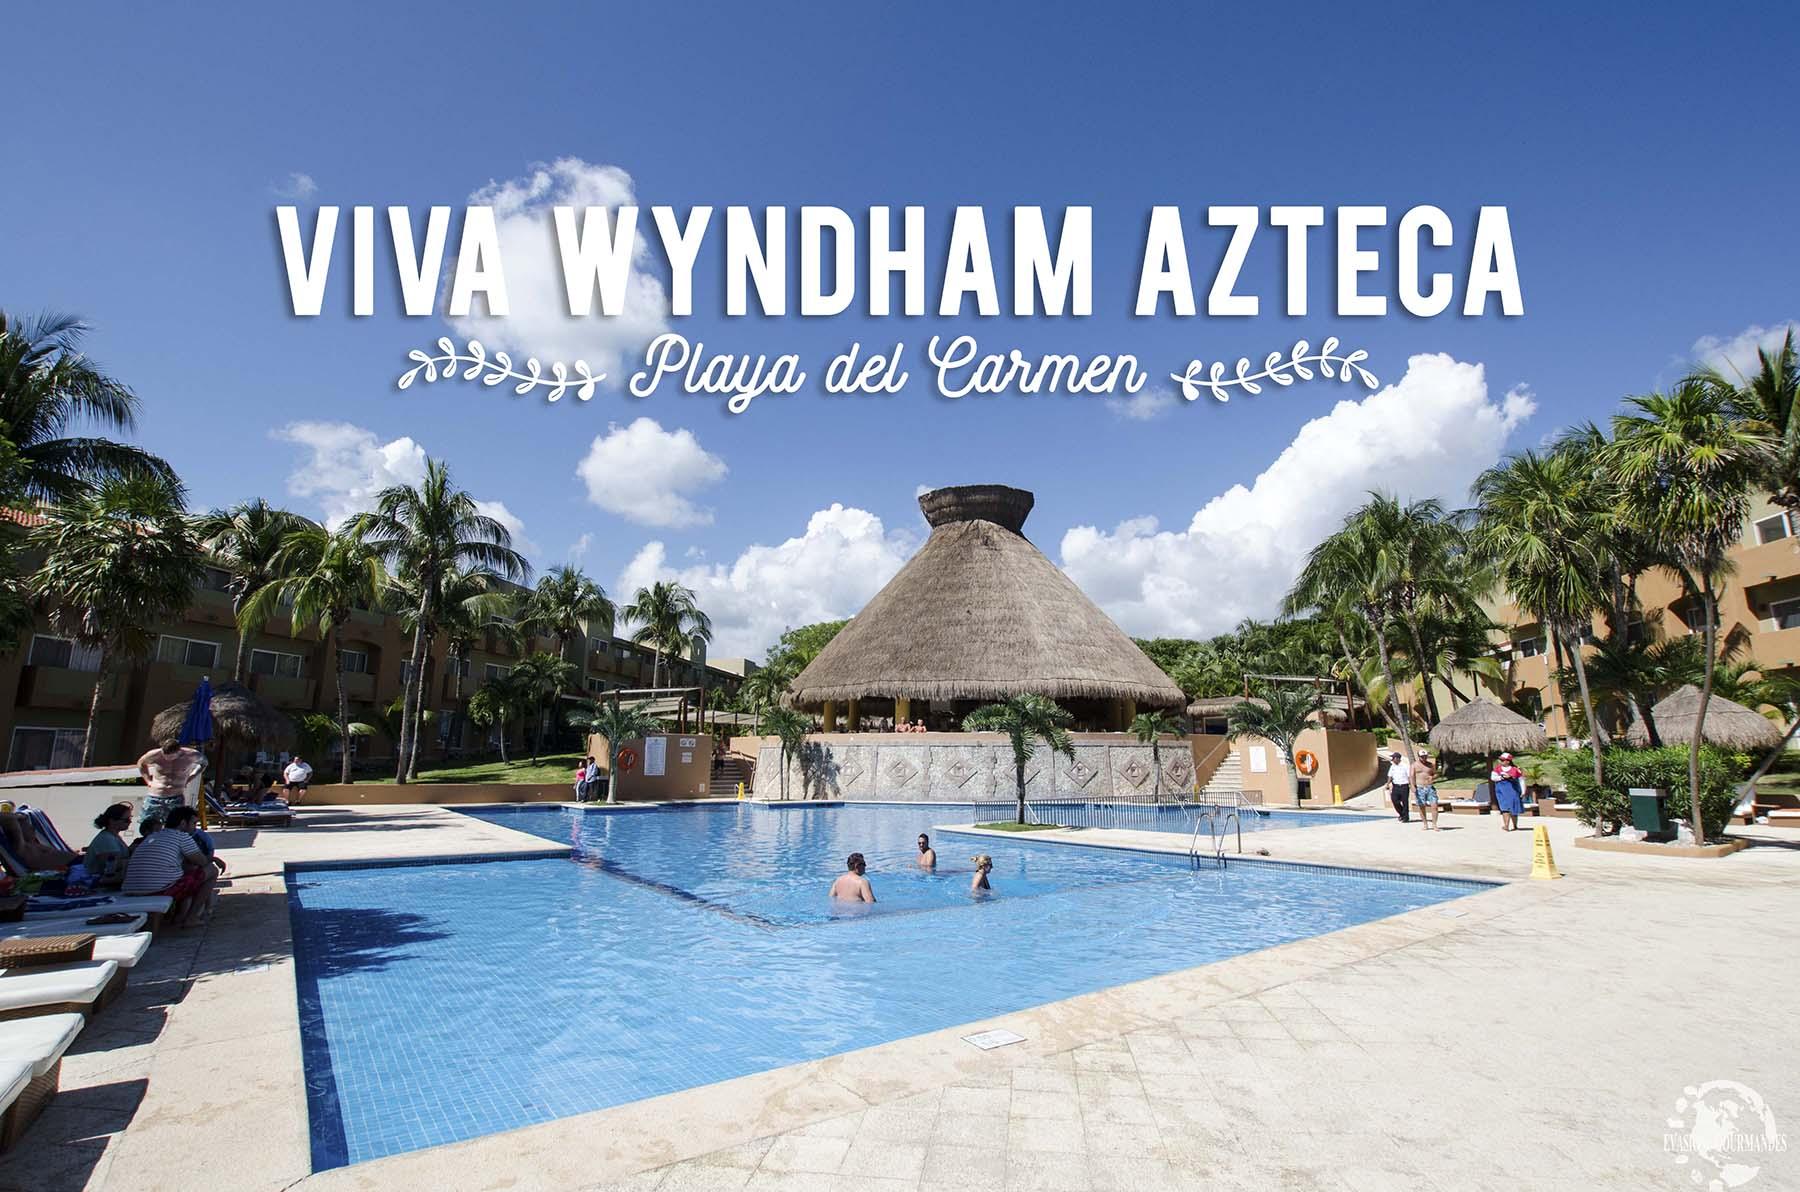 Viva Wyndham Azteca